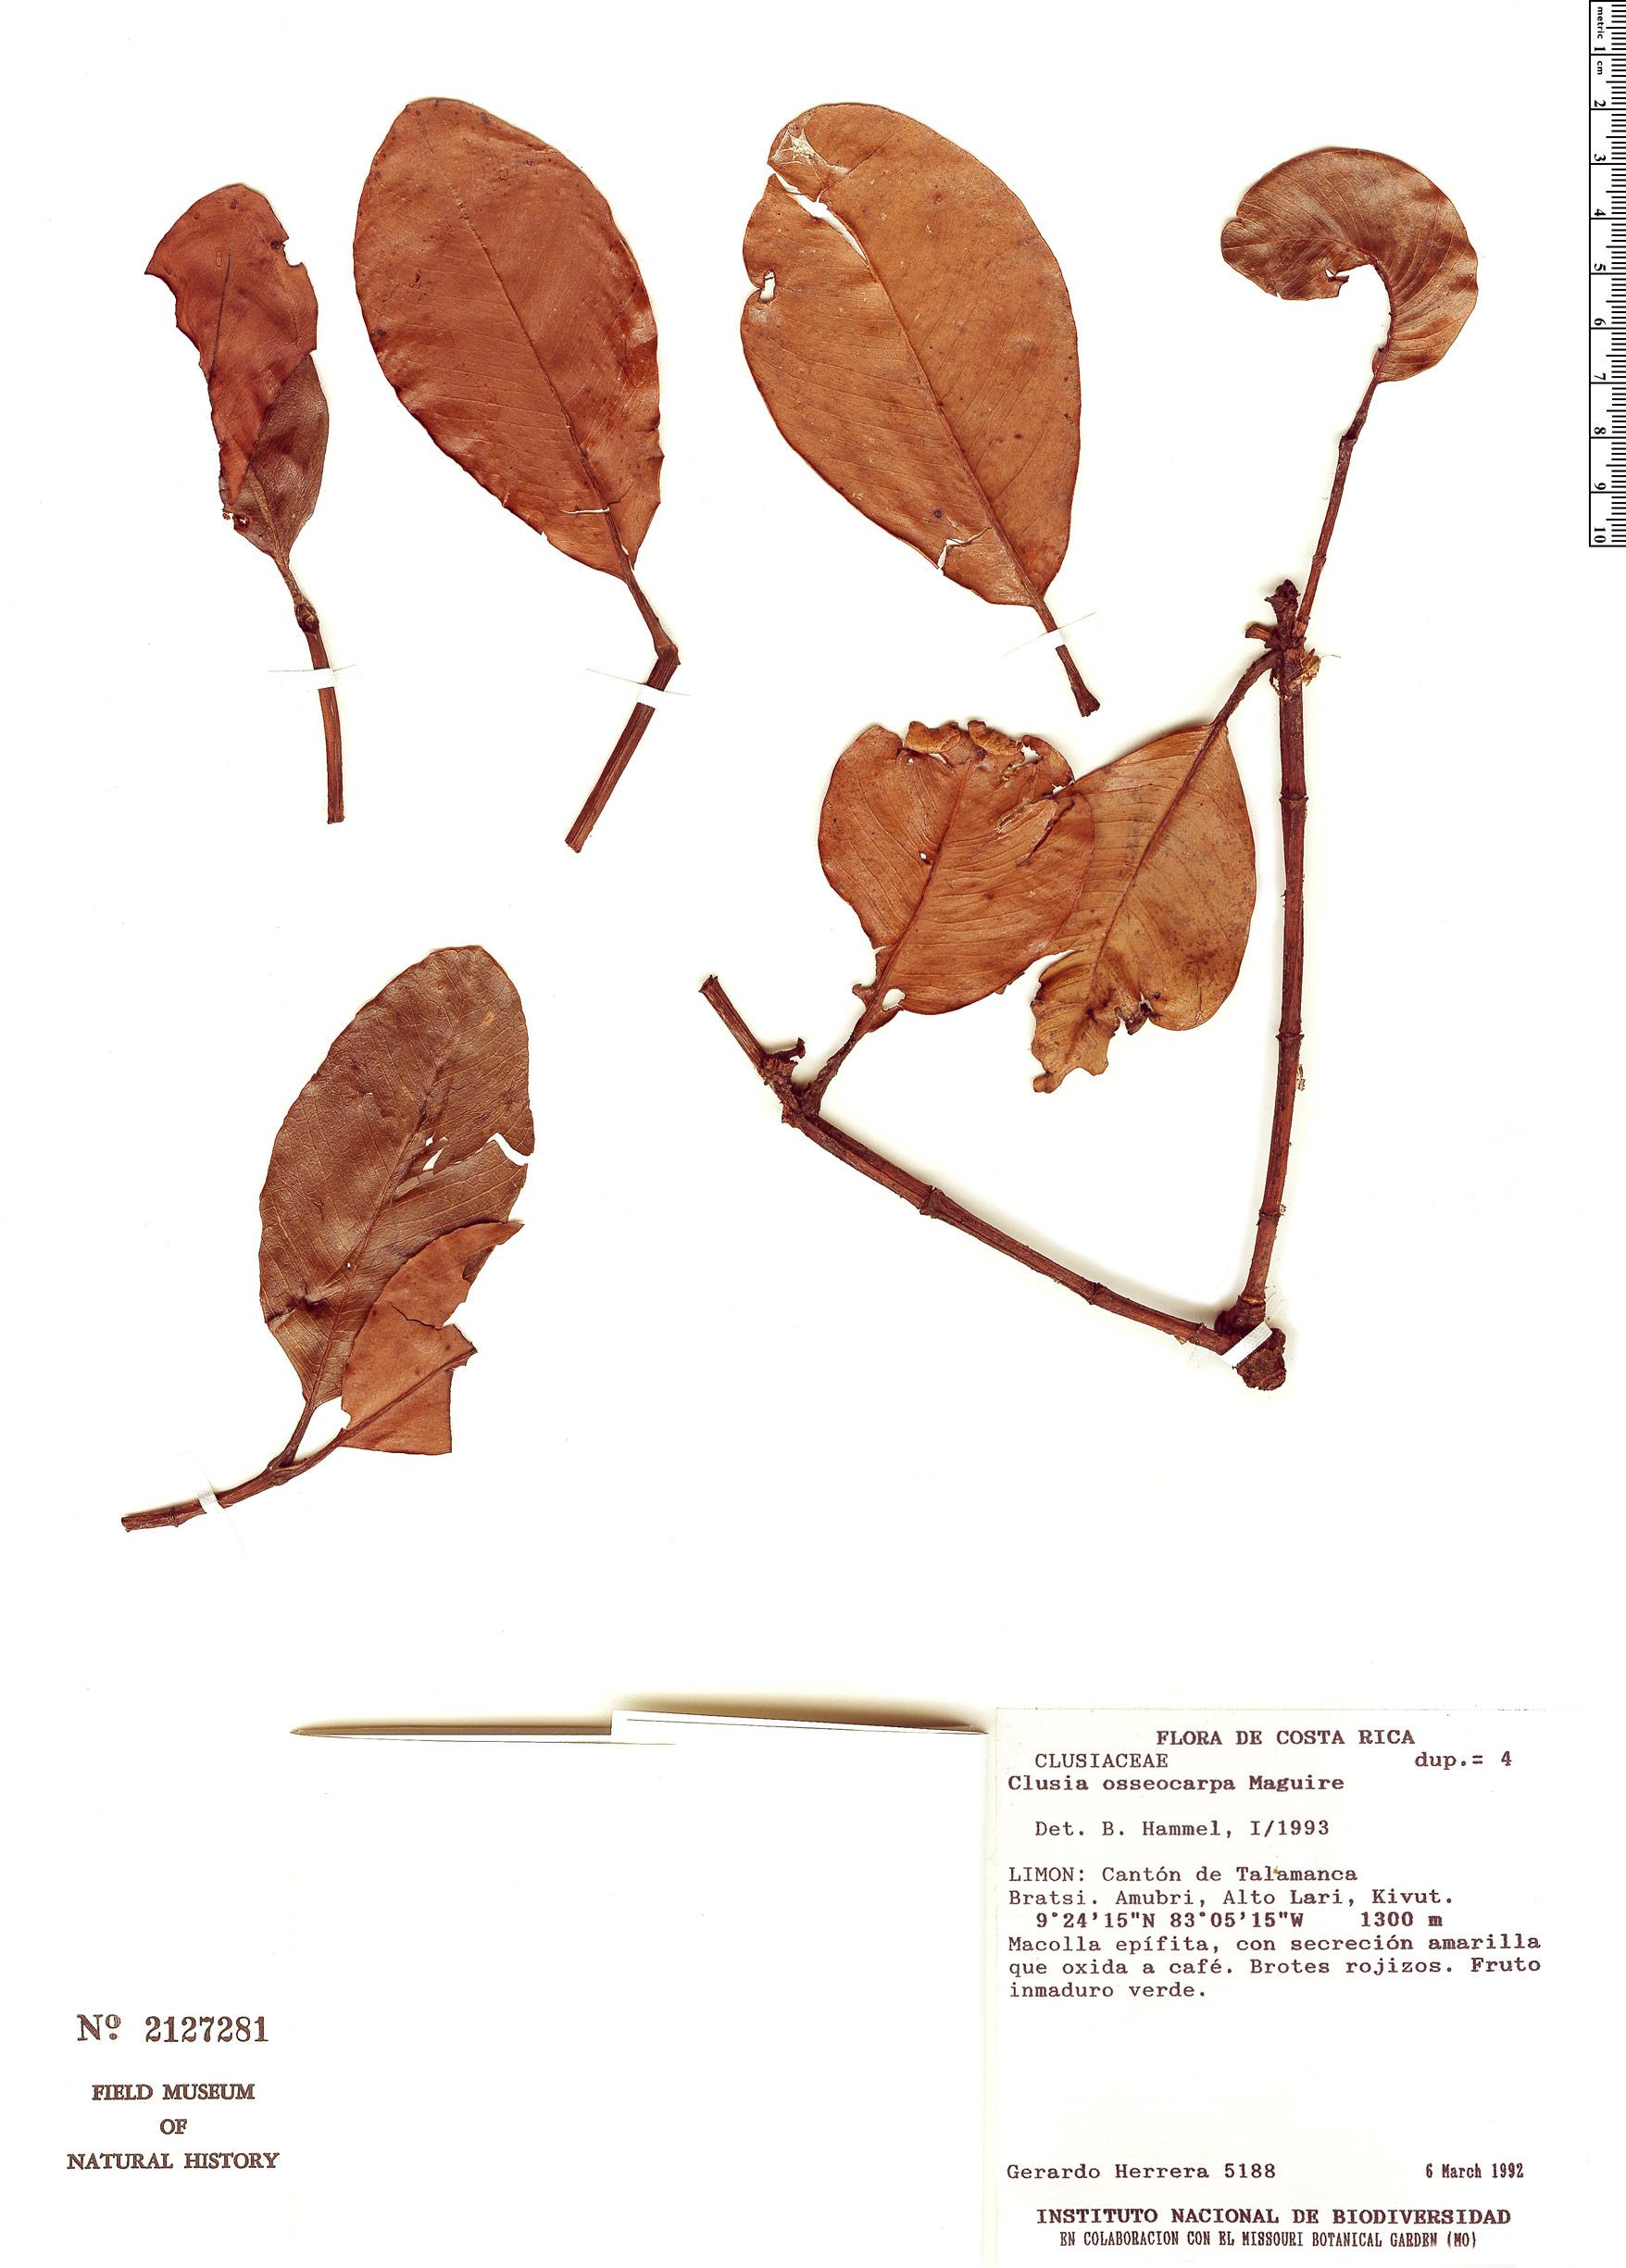 Specimen: Clusia osseocarpa